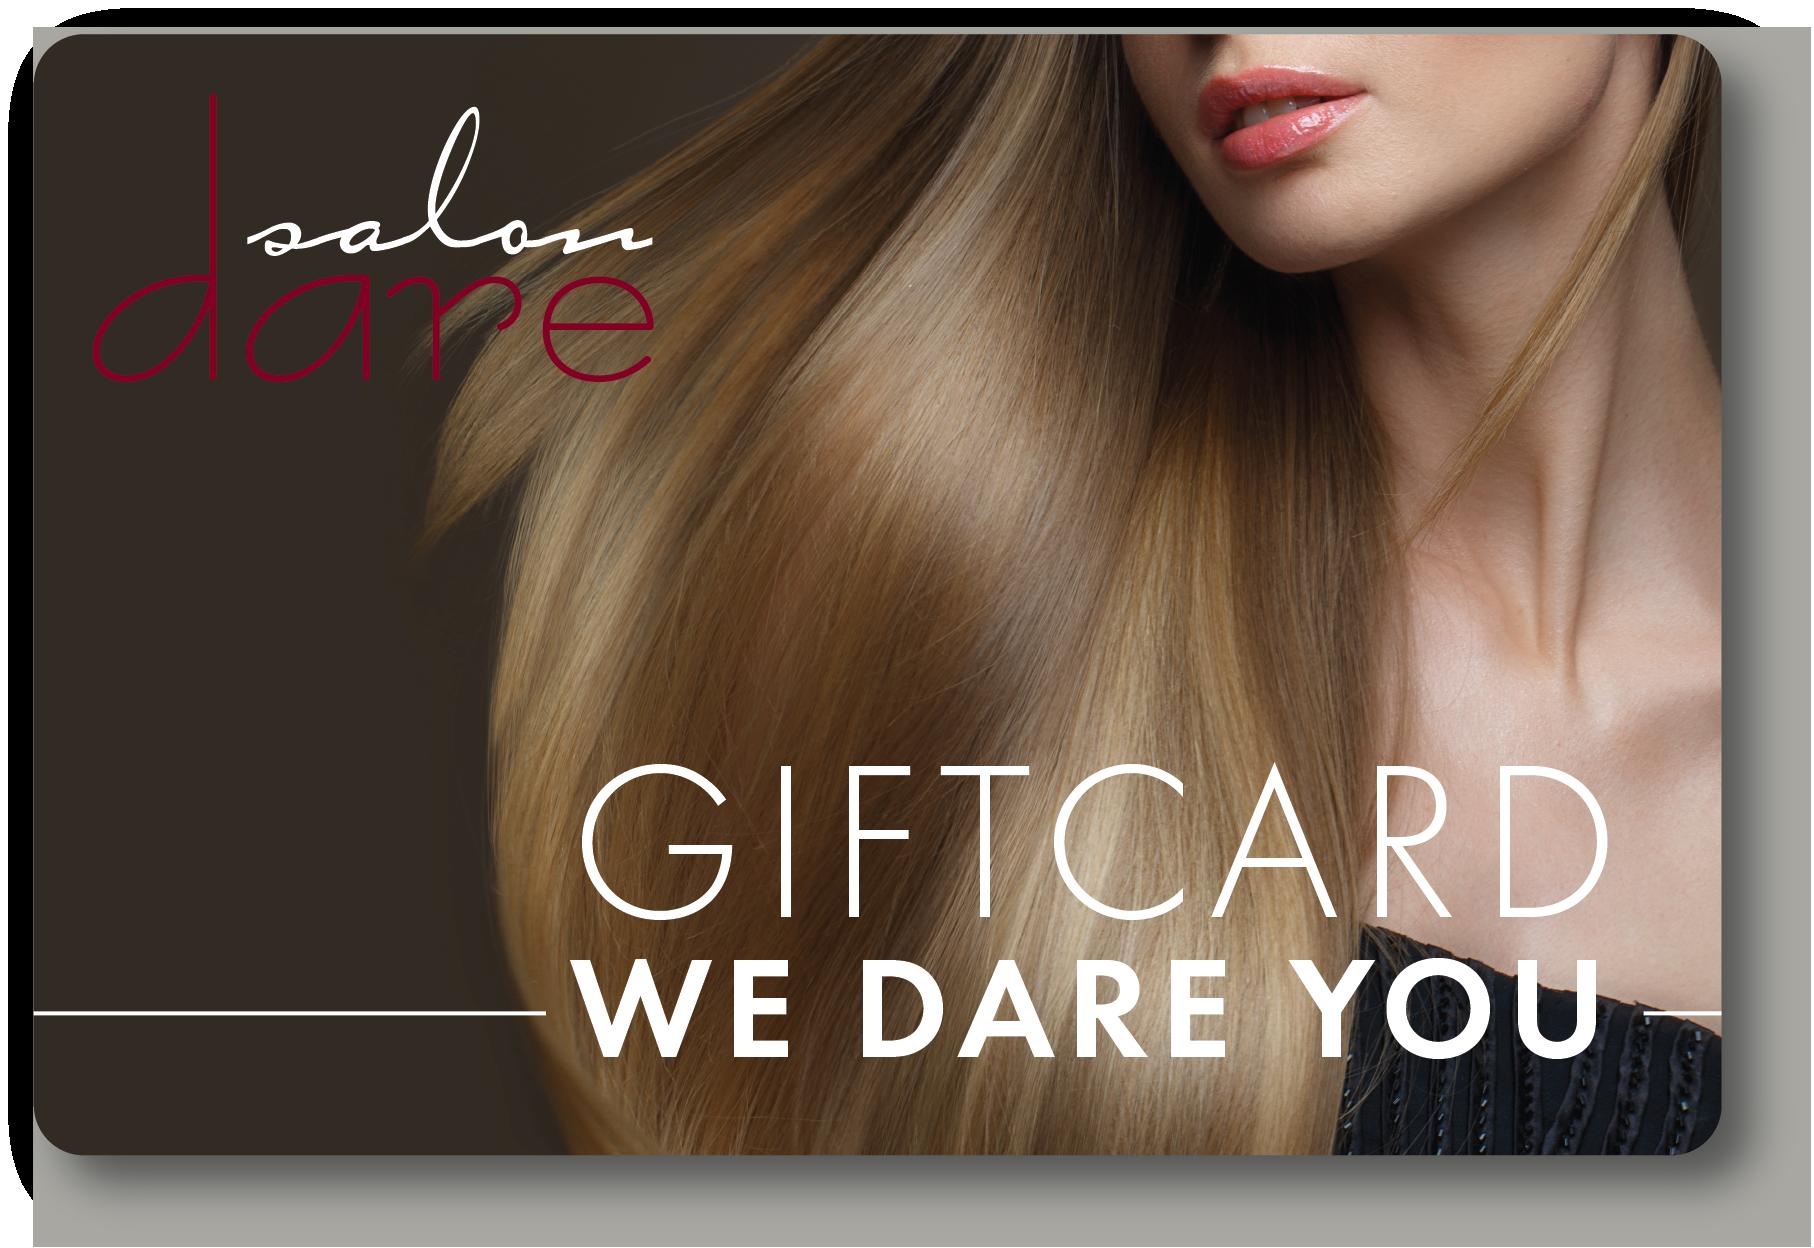 salon gift card